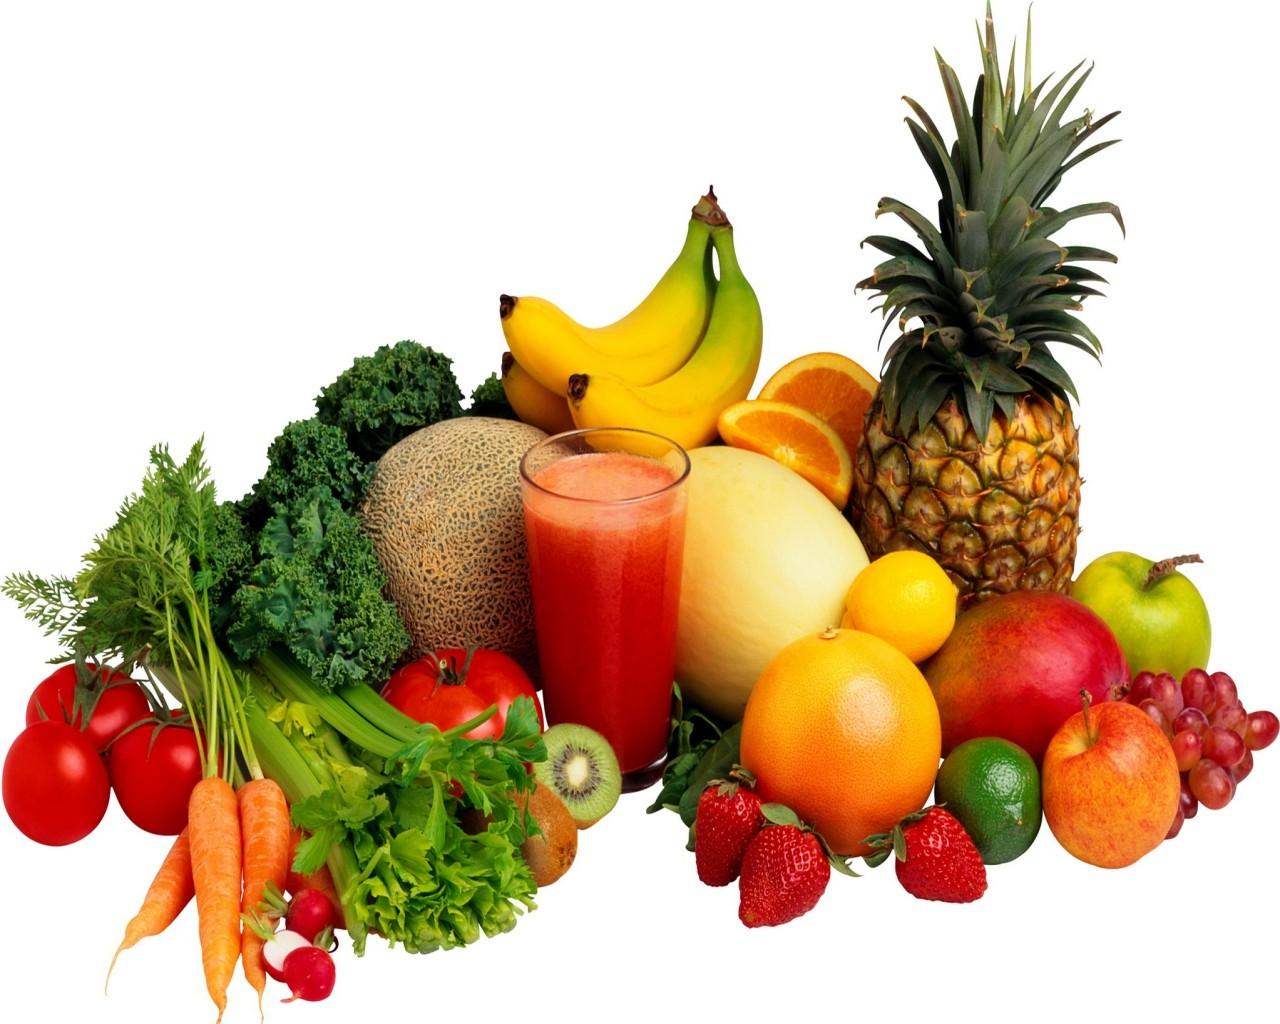 jóga étrend, jóga táplálkozás, jóga receptek